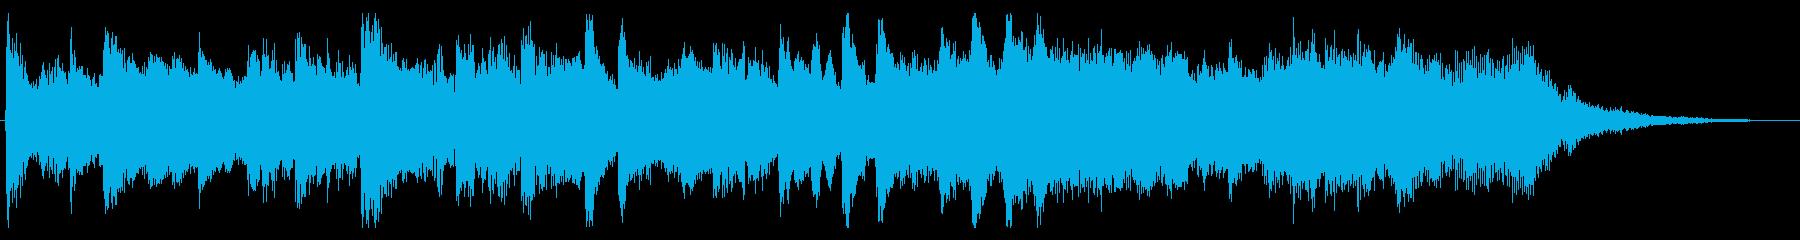 【企業様VP】爽やかなピアノメロディの再生済みの波形